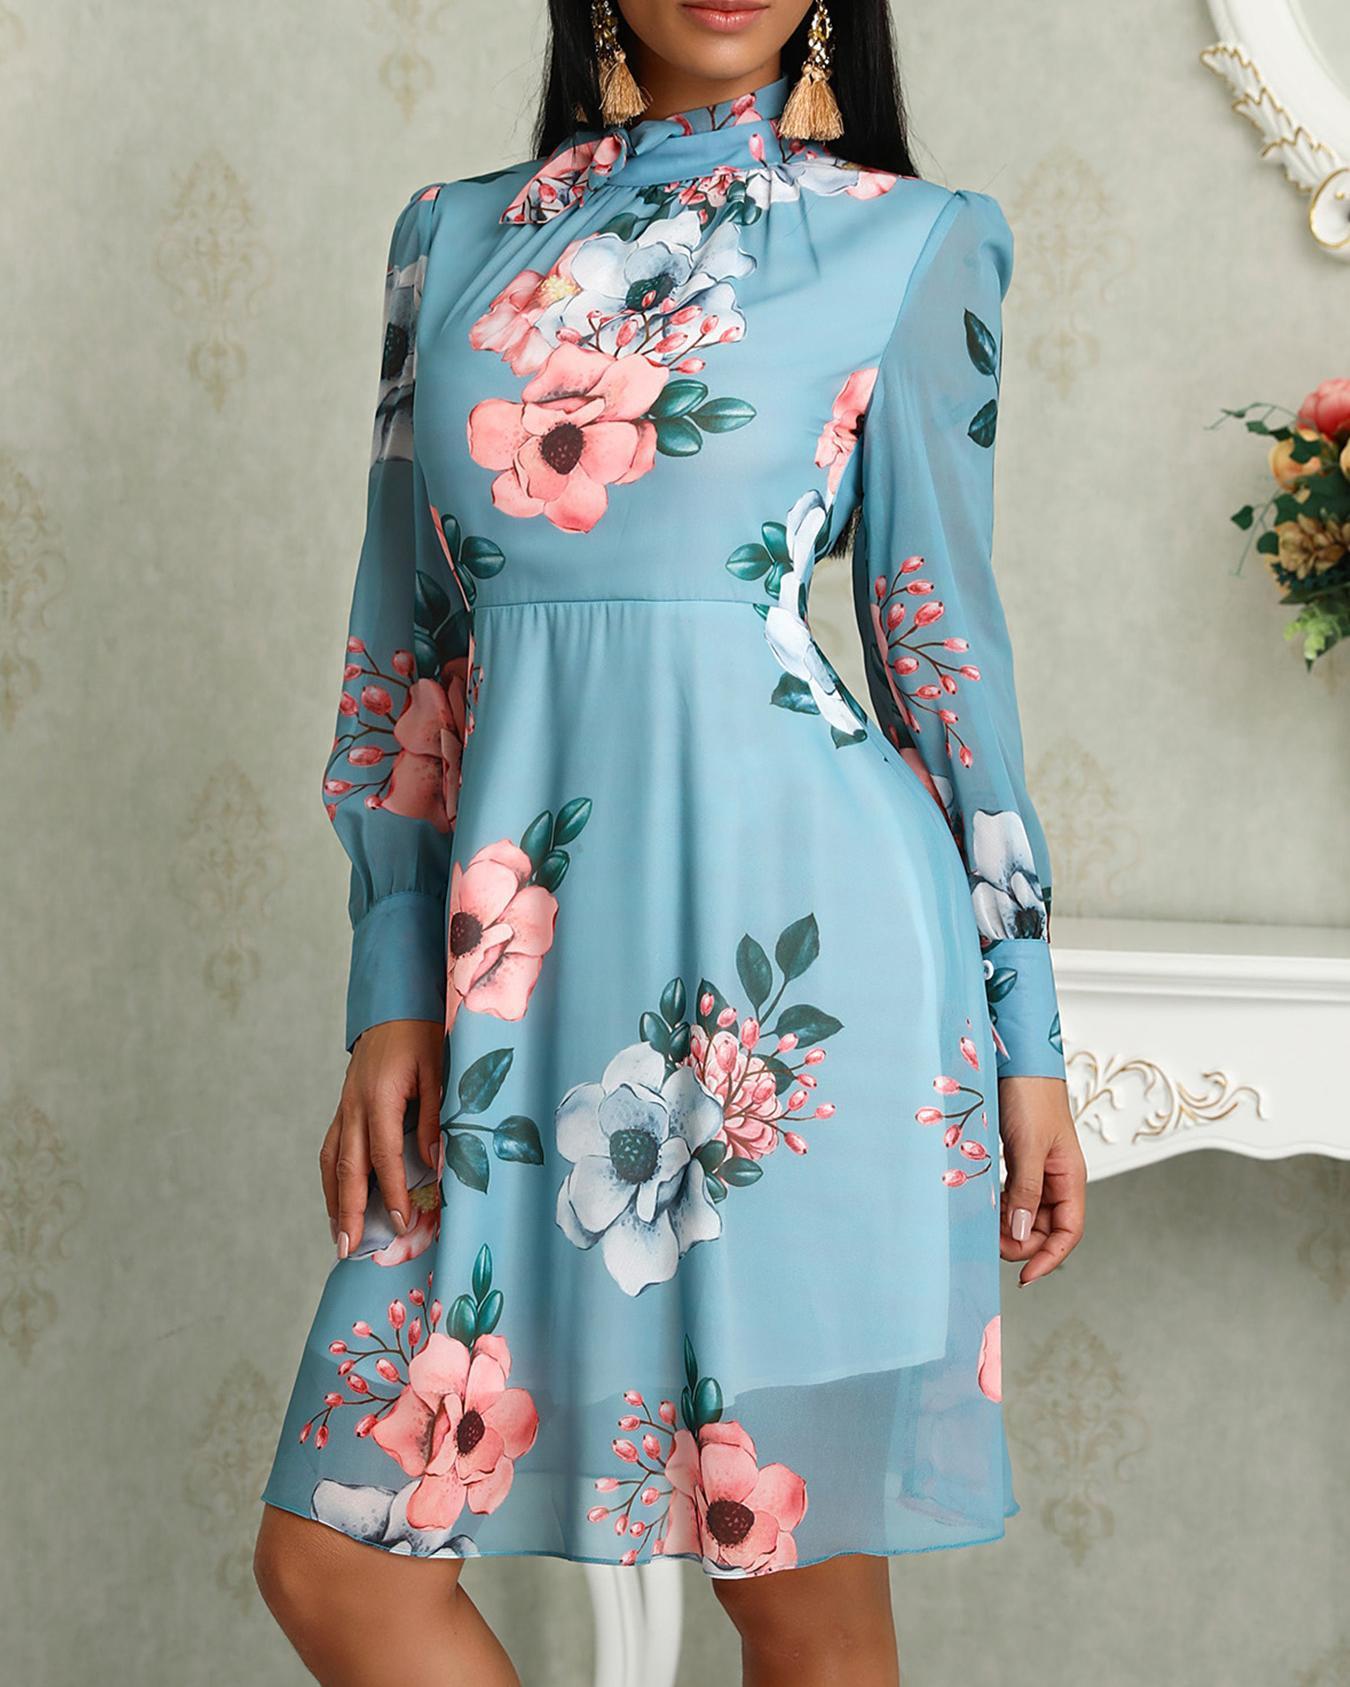 boutiquefeel / Vestido a media pierna de manga larga con estampado floral